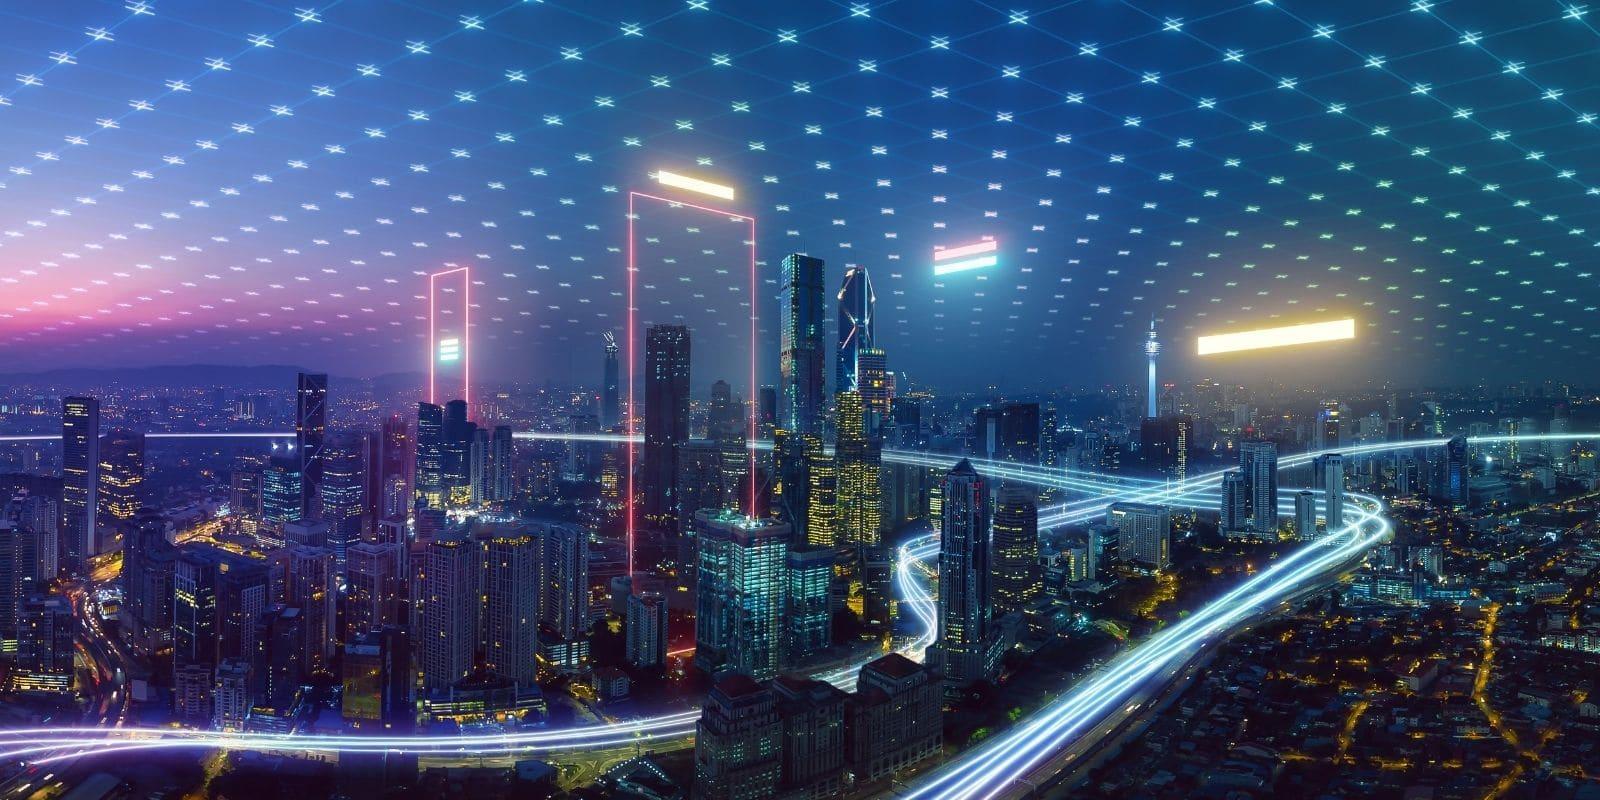 internet nouvelle génération - city view